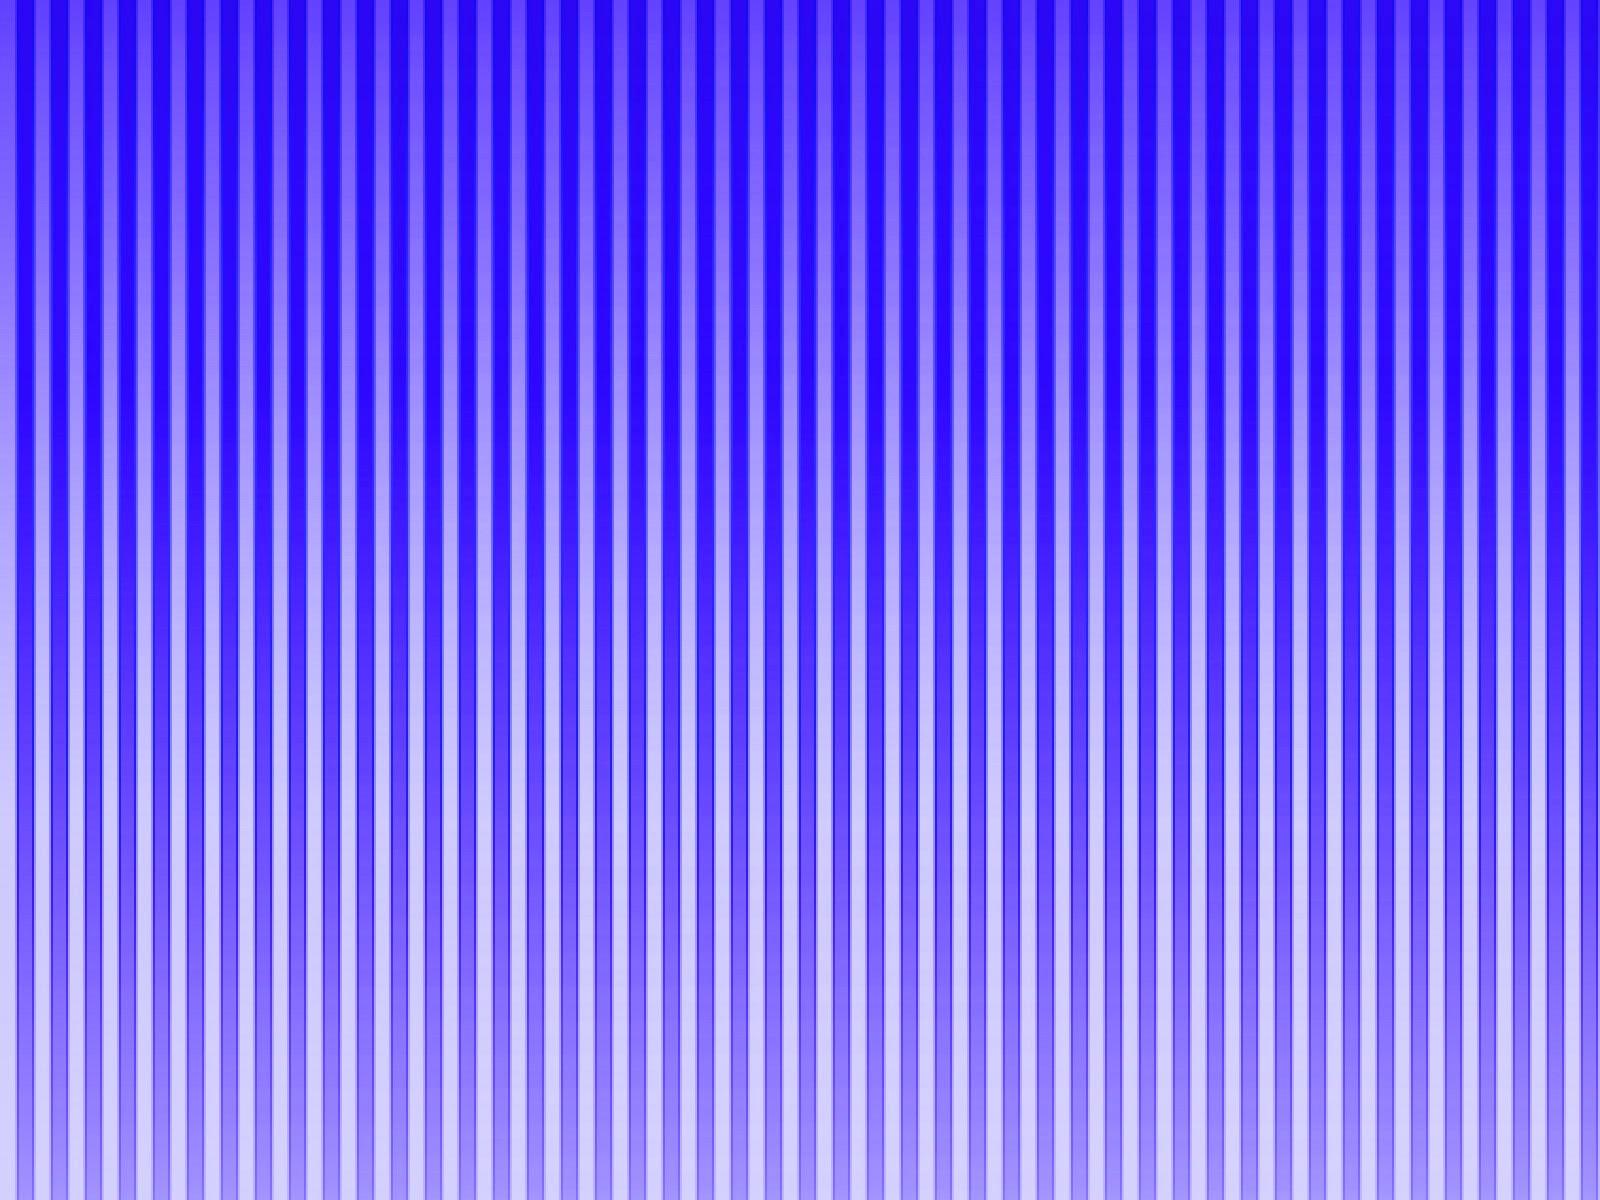 sh yn design stripe pattern wallpaper blue collection. Black Bedroom Furniture Sets. Home Design Ideas